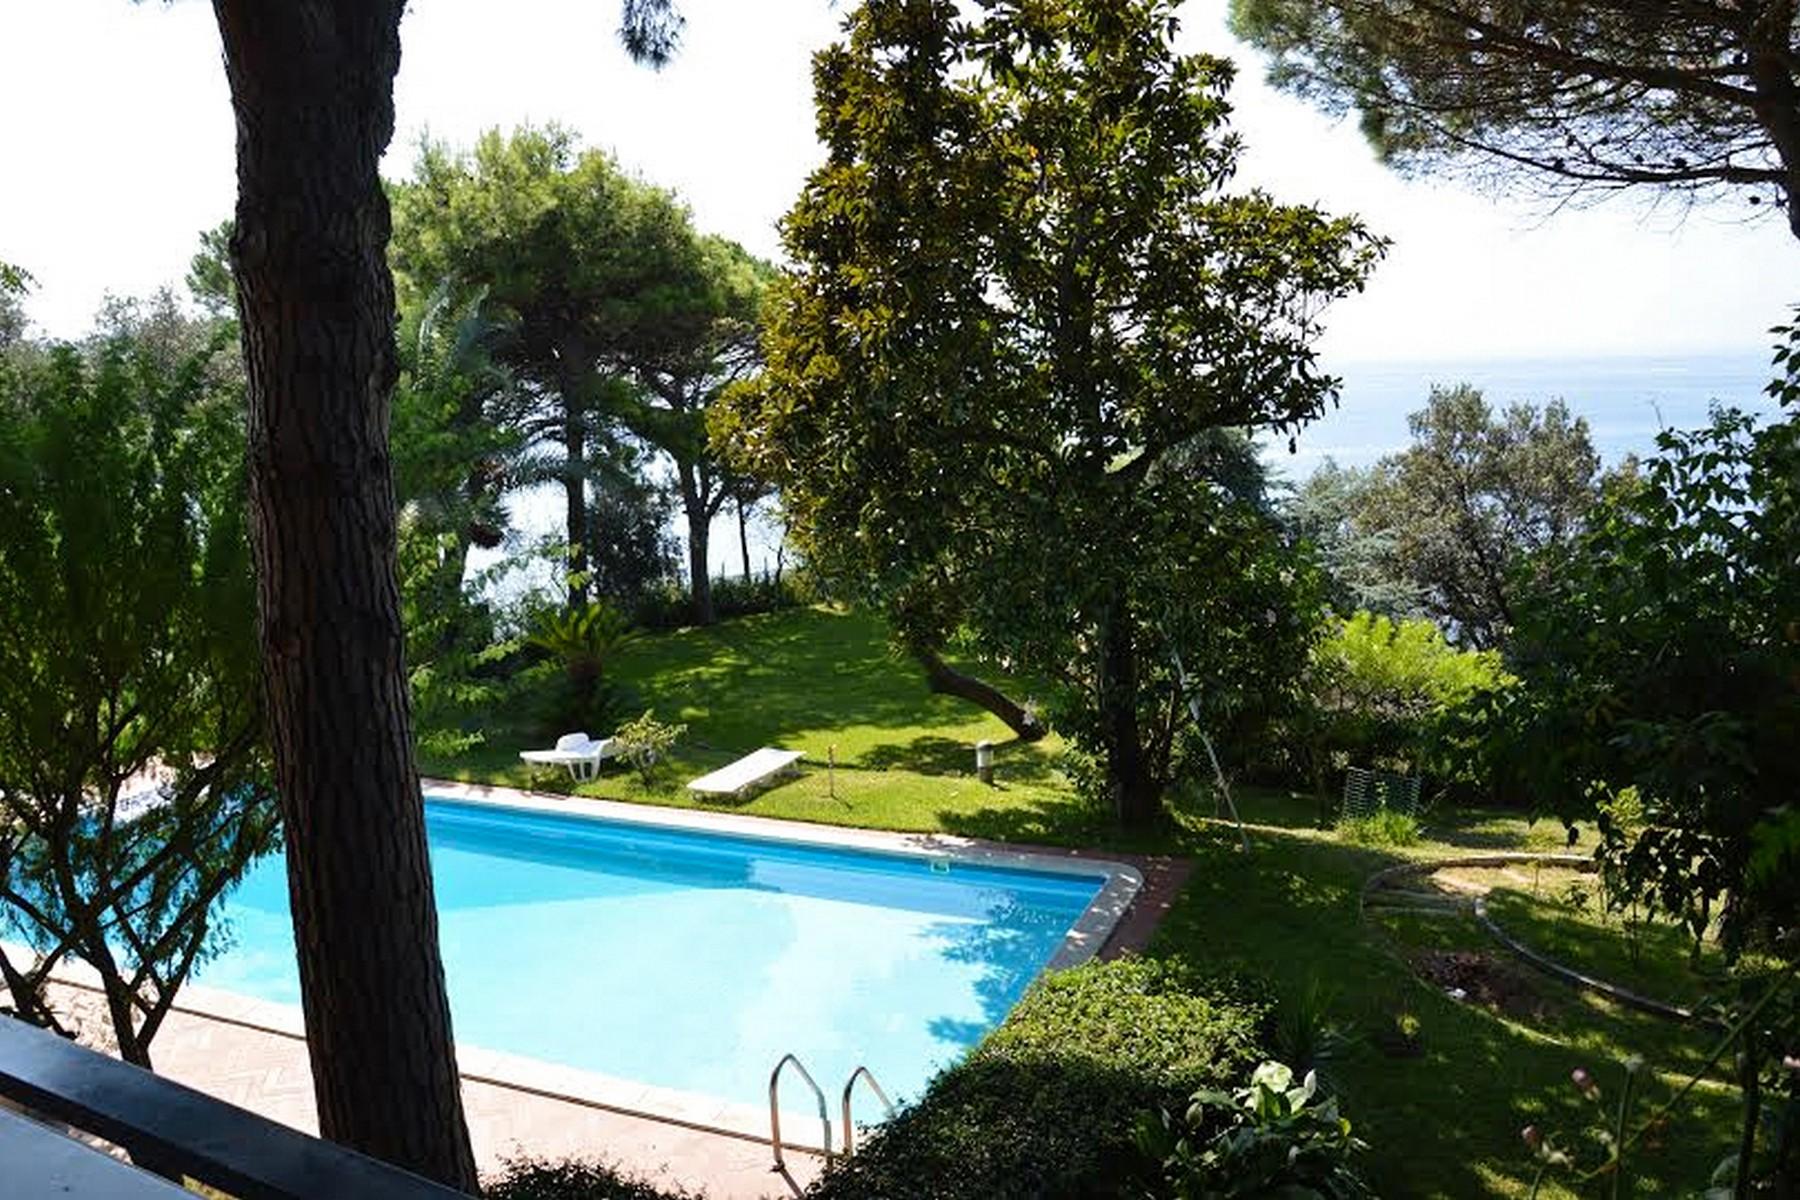 Maison unifamiliale pour l Vente à Charming villa with private pool and garden Pozzuoli, Naples Italie